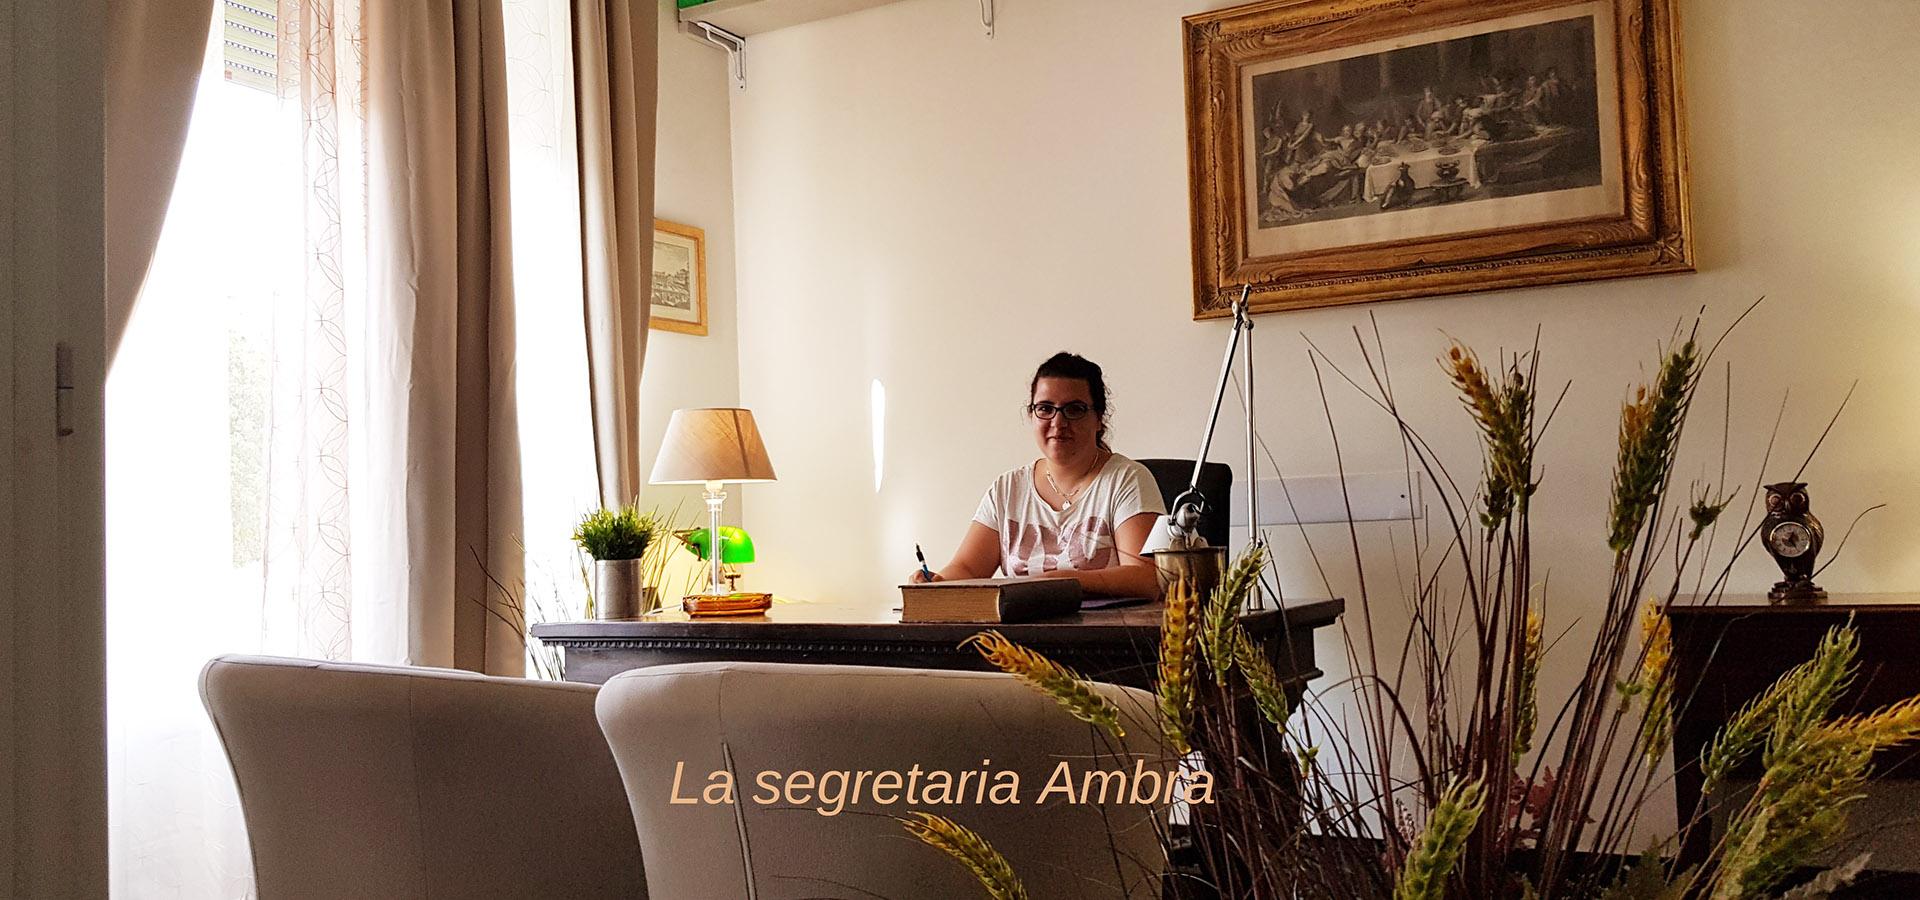 studio legale accardi segretaria ambra f4